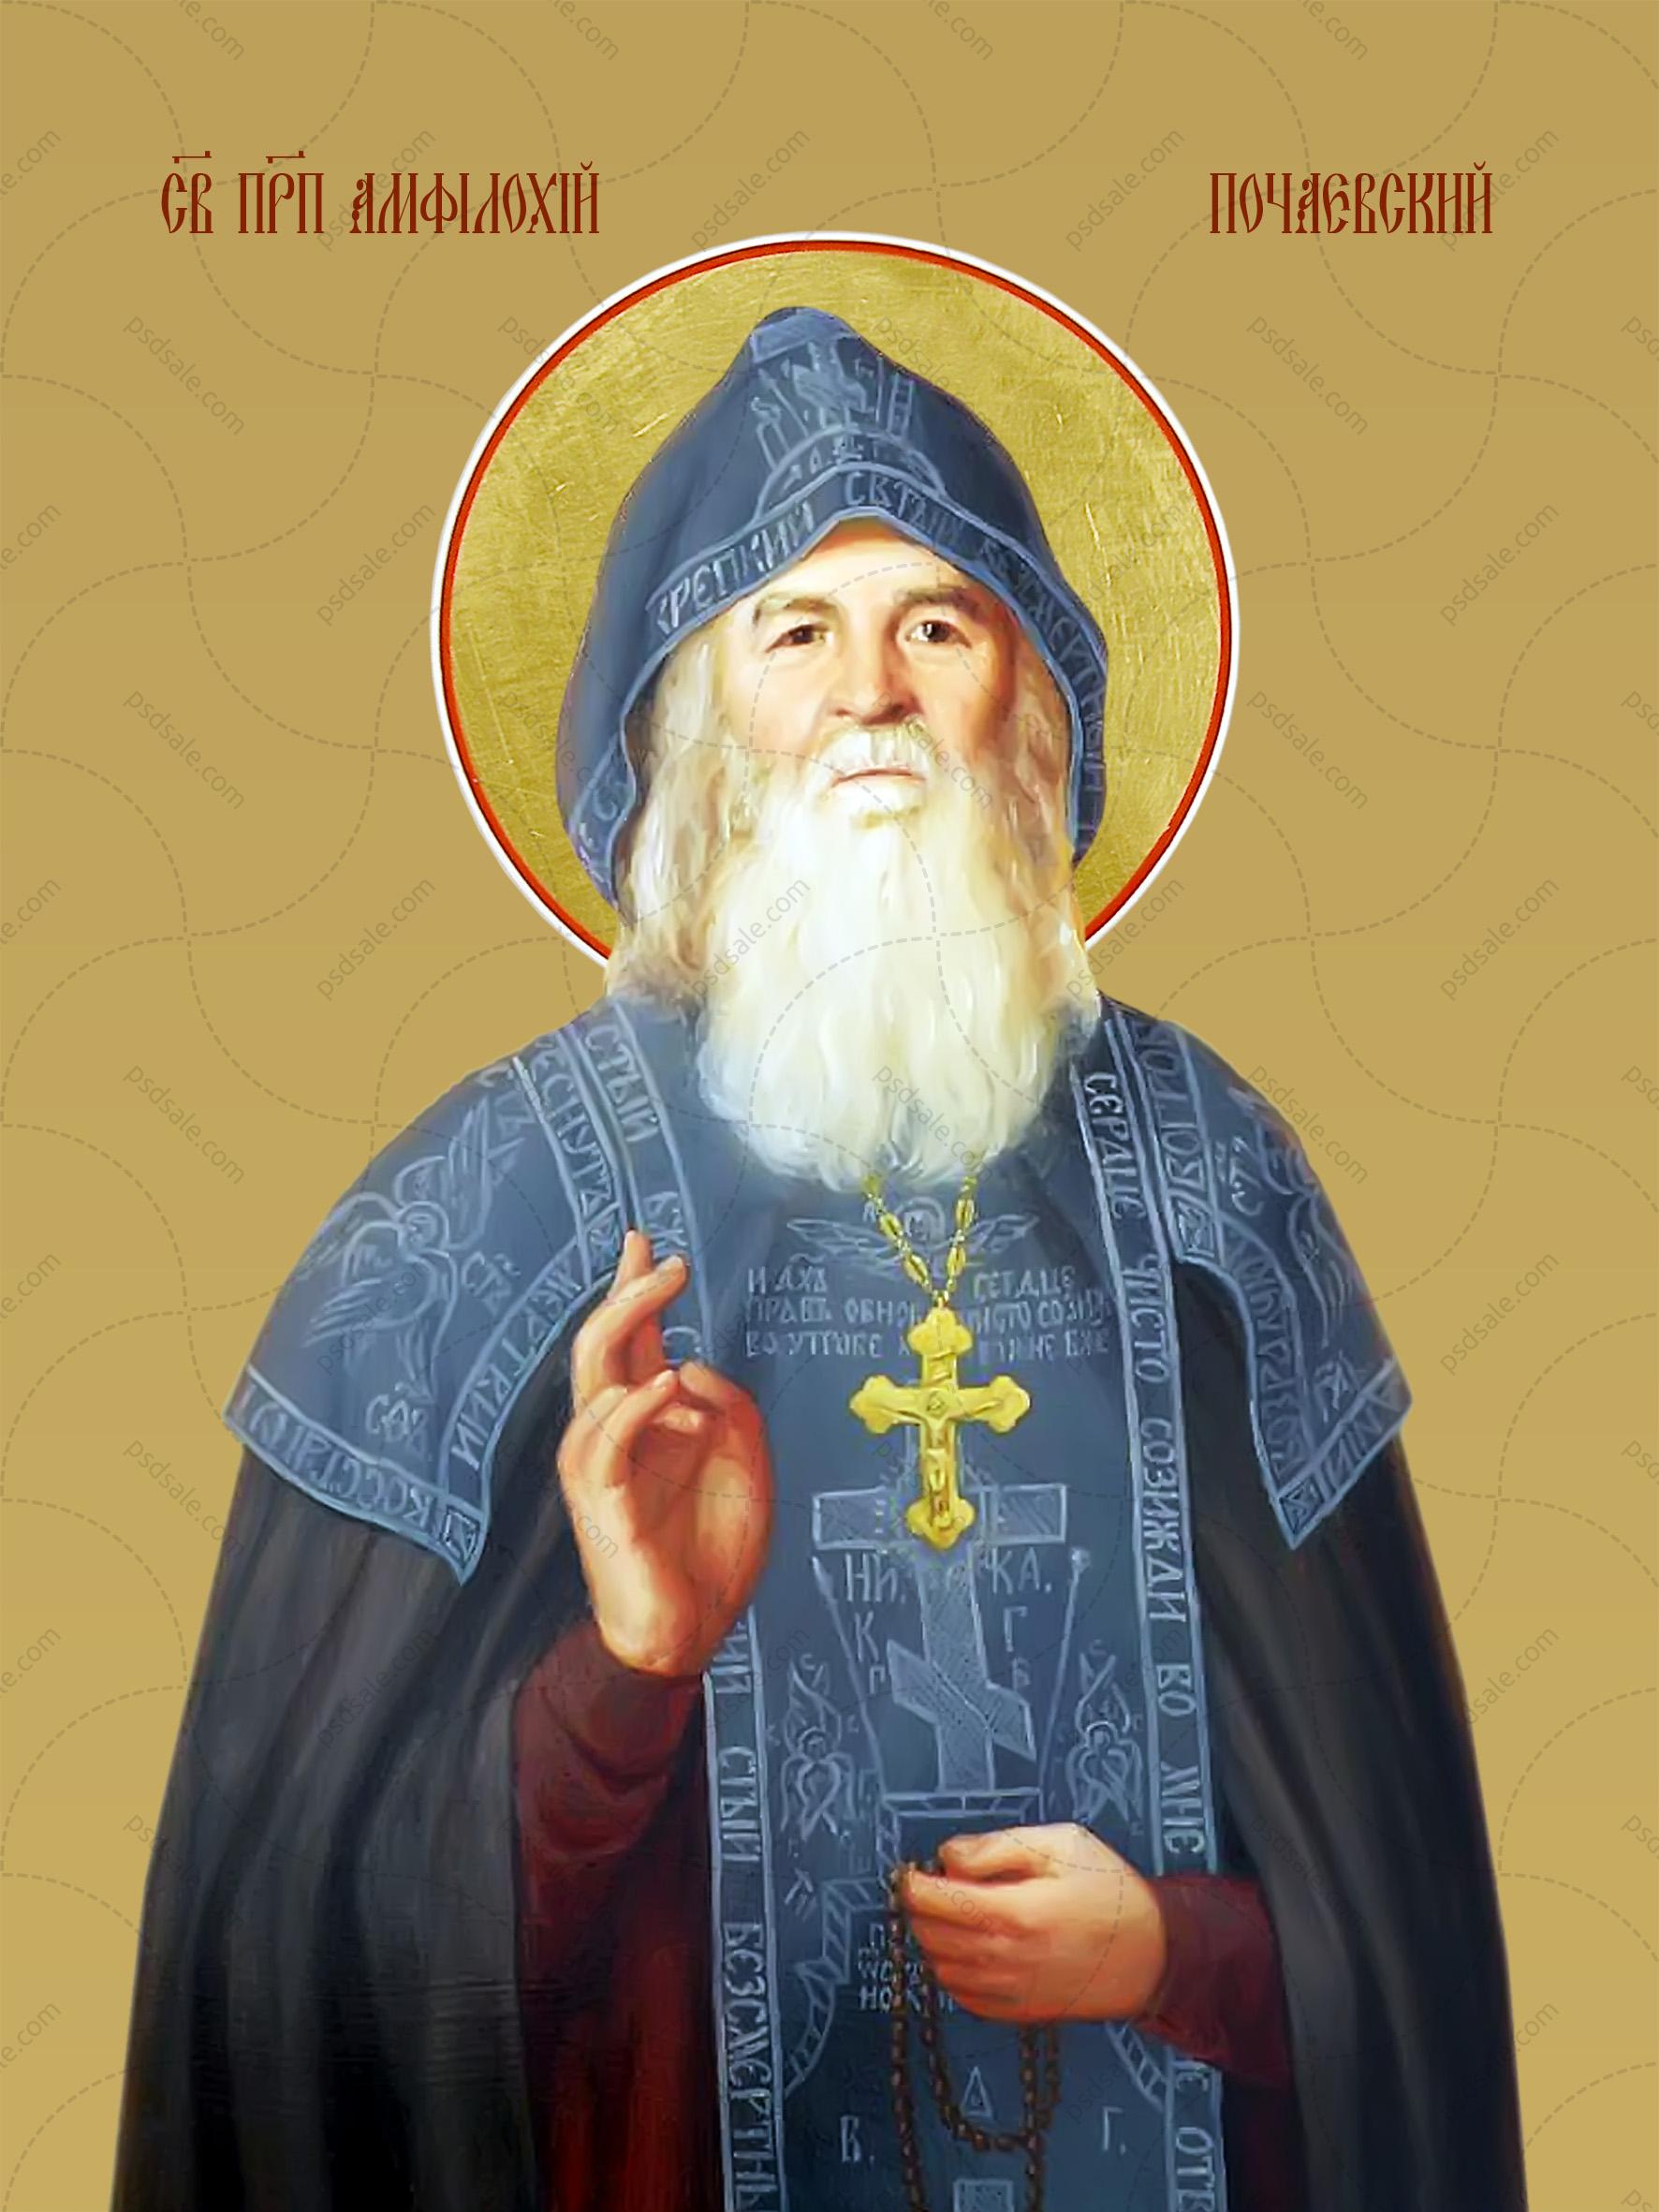 Амфилохий Почаевский, преподобный